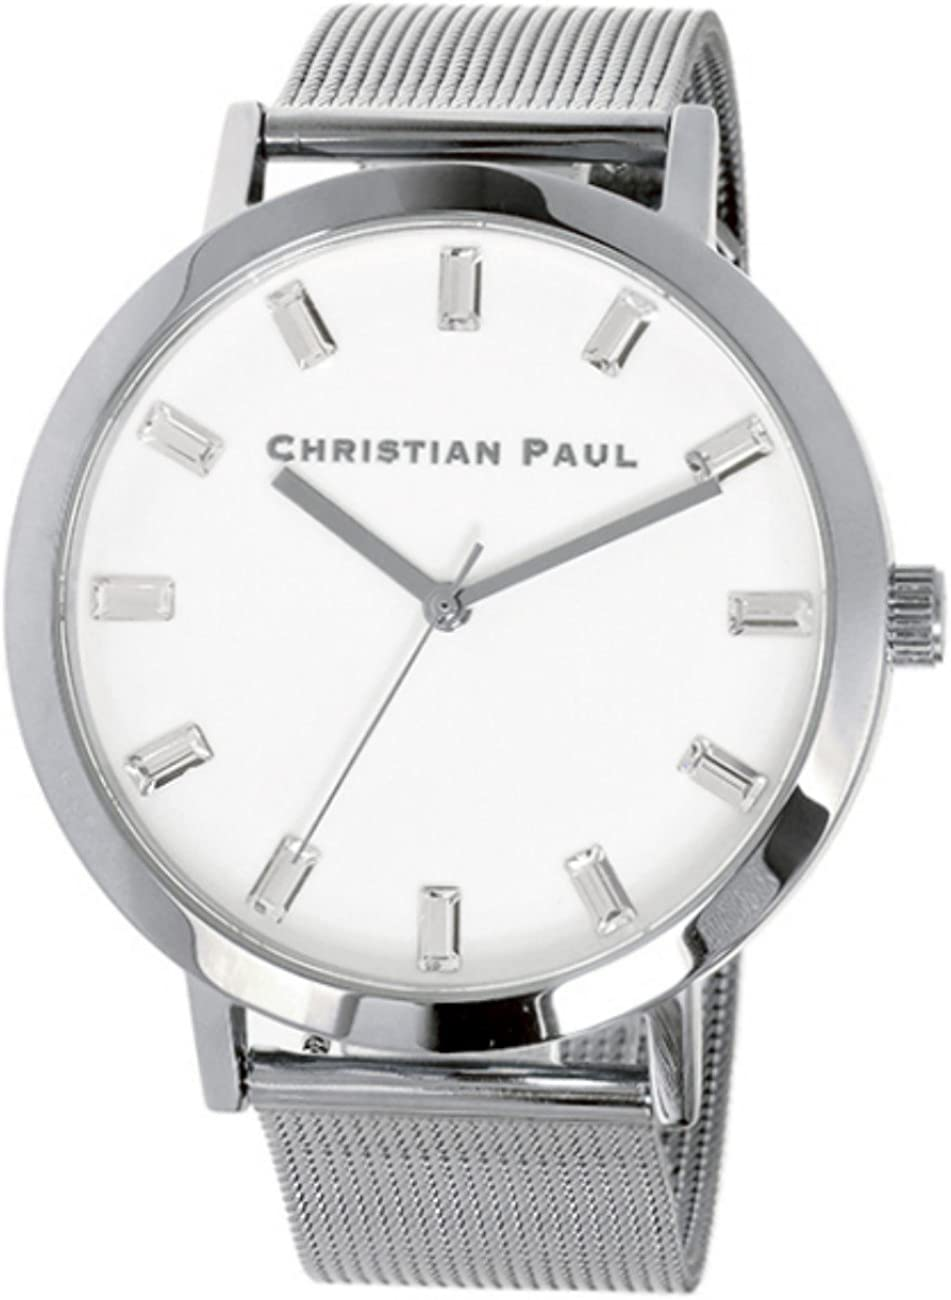 [クリスチャンポール] CHRISTIAN PAUL 腕時計 43mm WHITEHAVEN LUXE MESH SWM-3 ホワイト ユニセックス [並行輸入品]